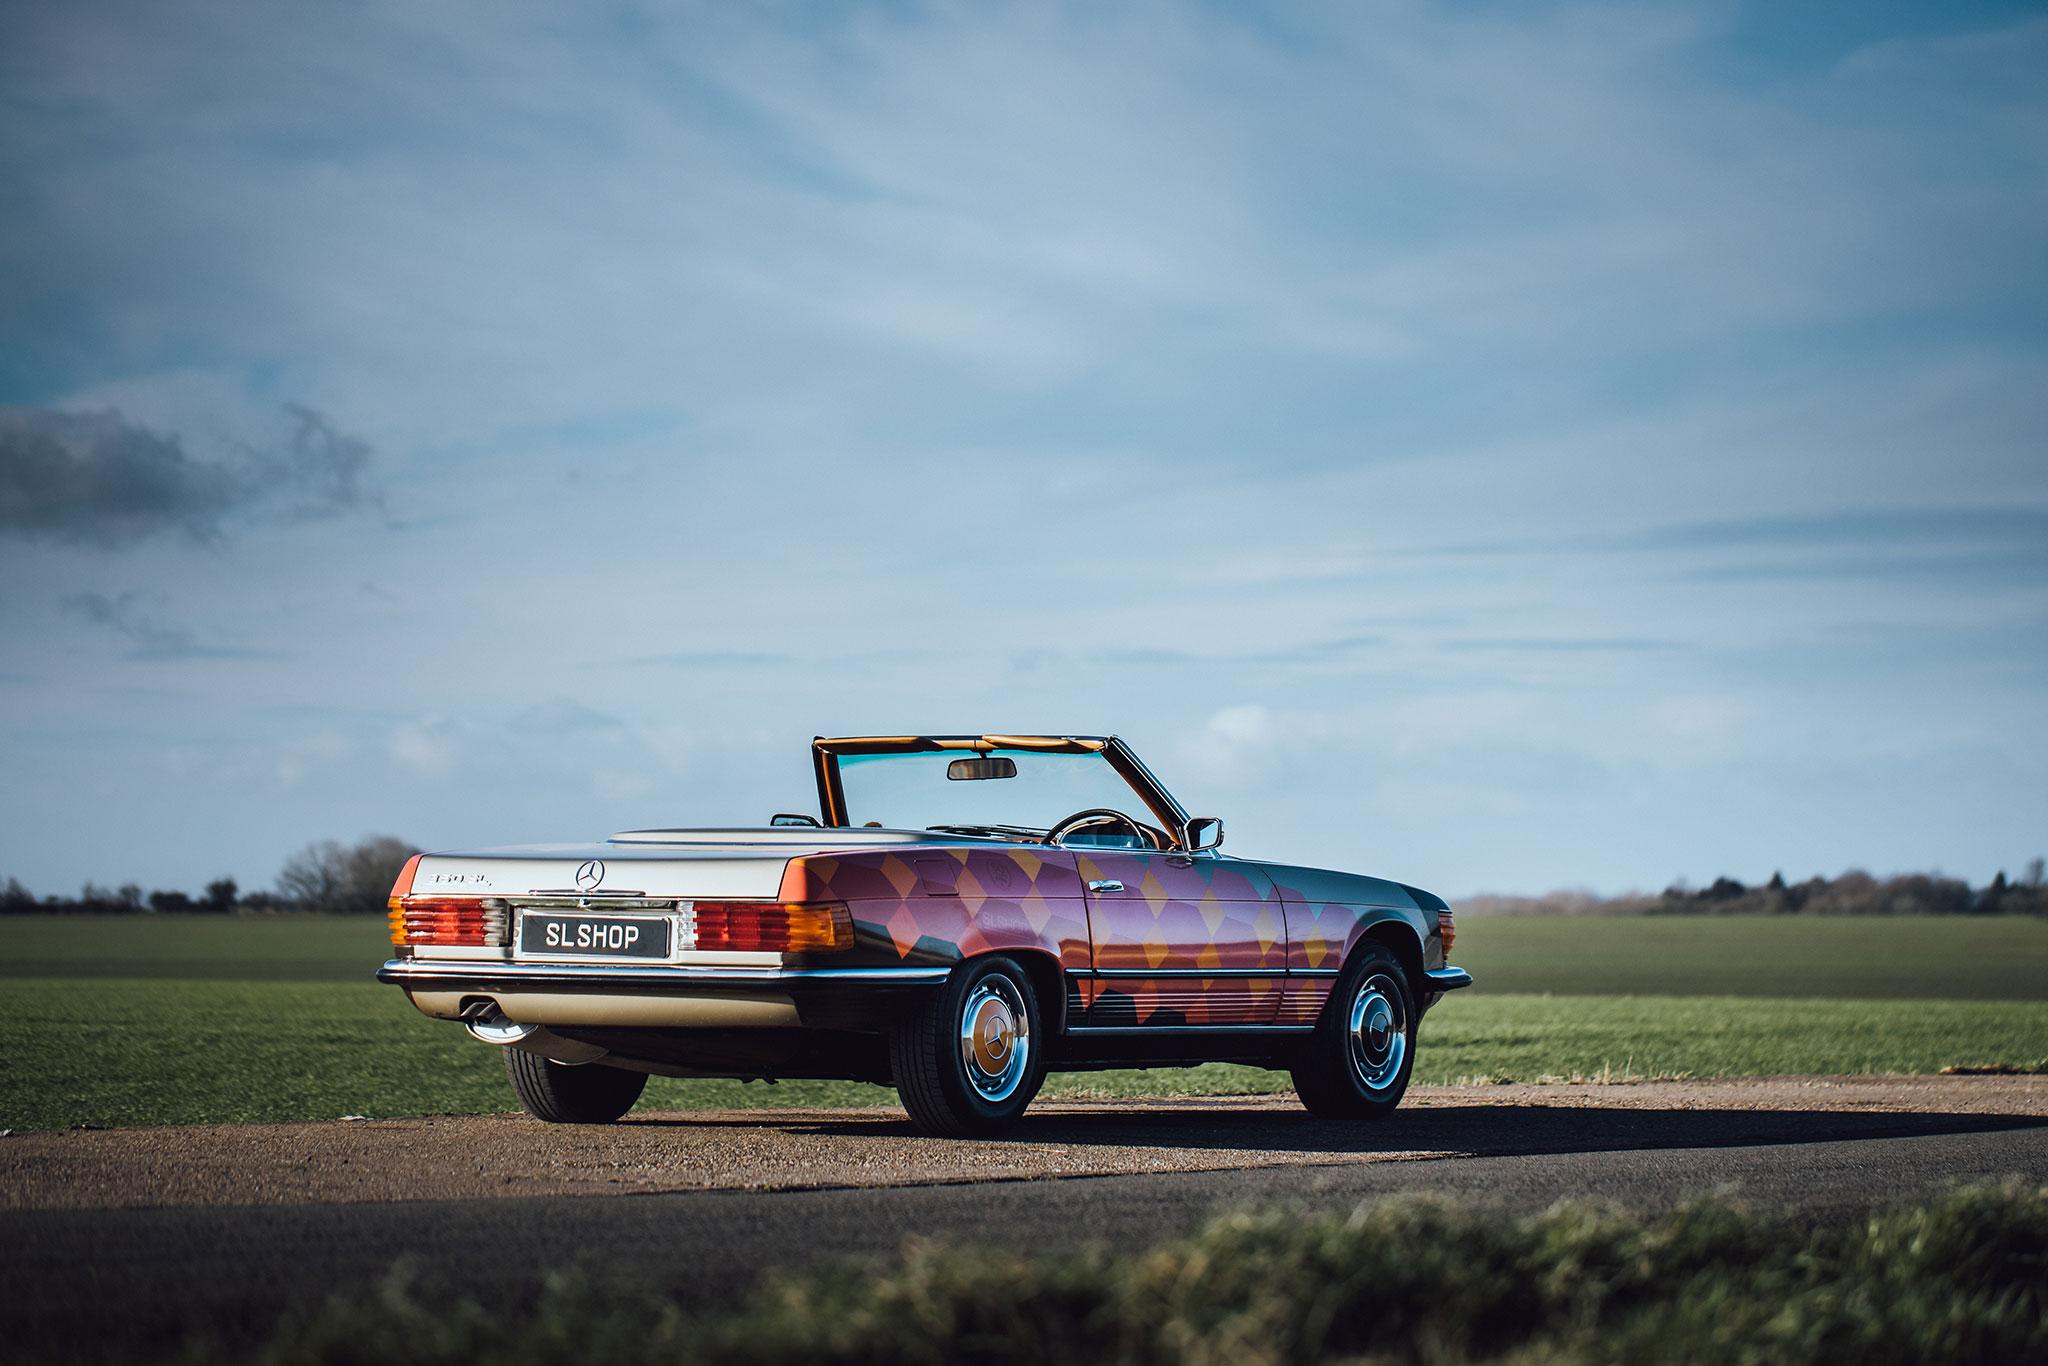 SLShop Mercedes-Benz 350 SL Art Car particpe à de nombreux évènements automobiles.